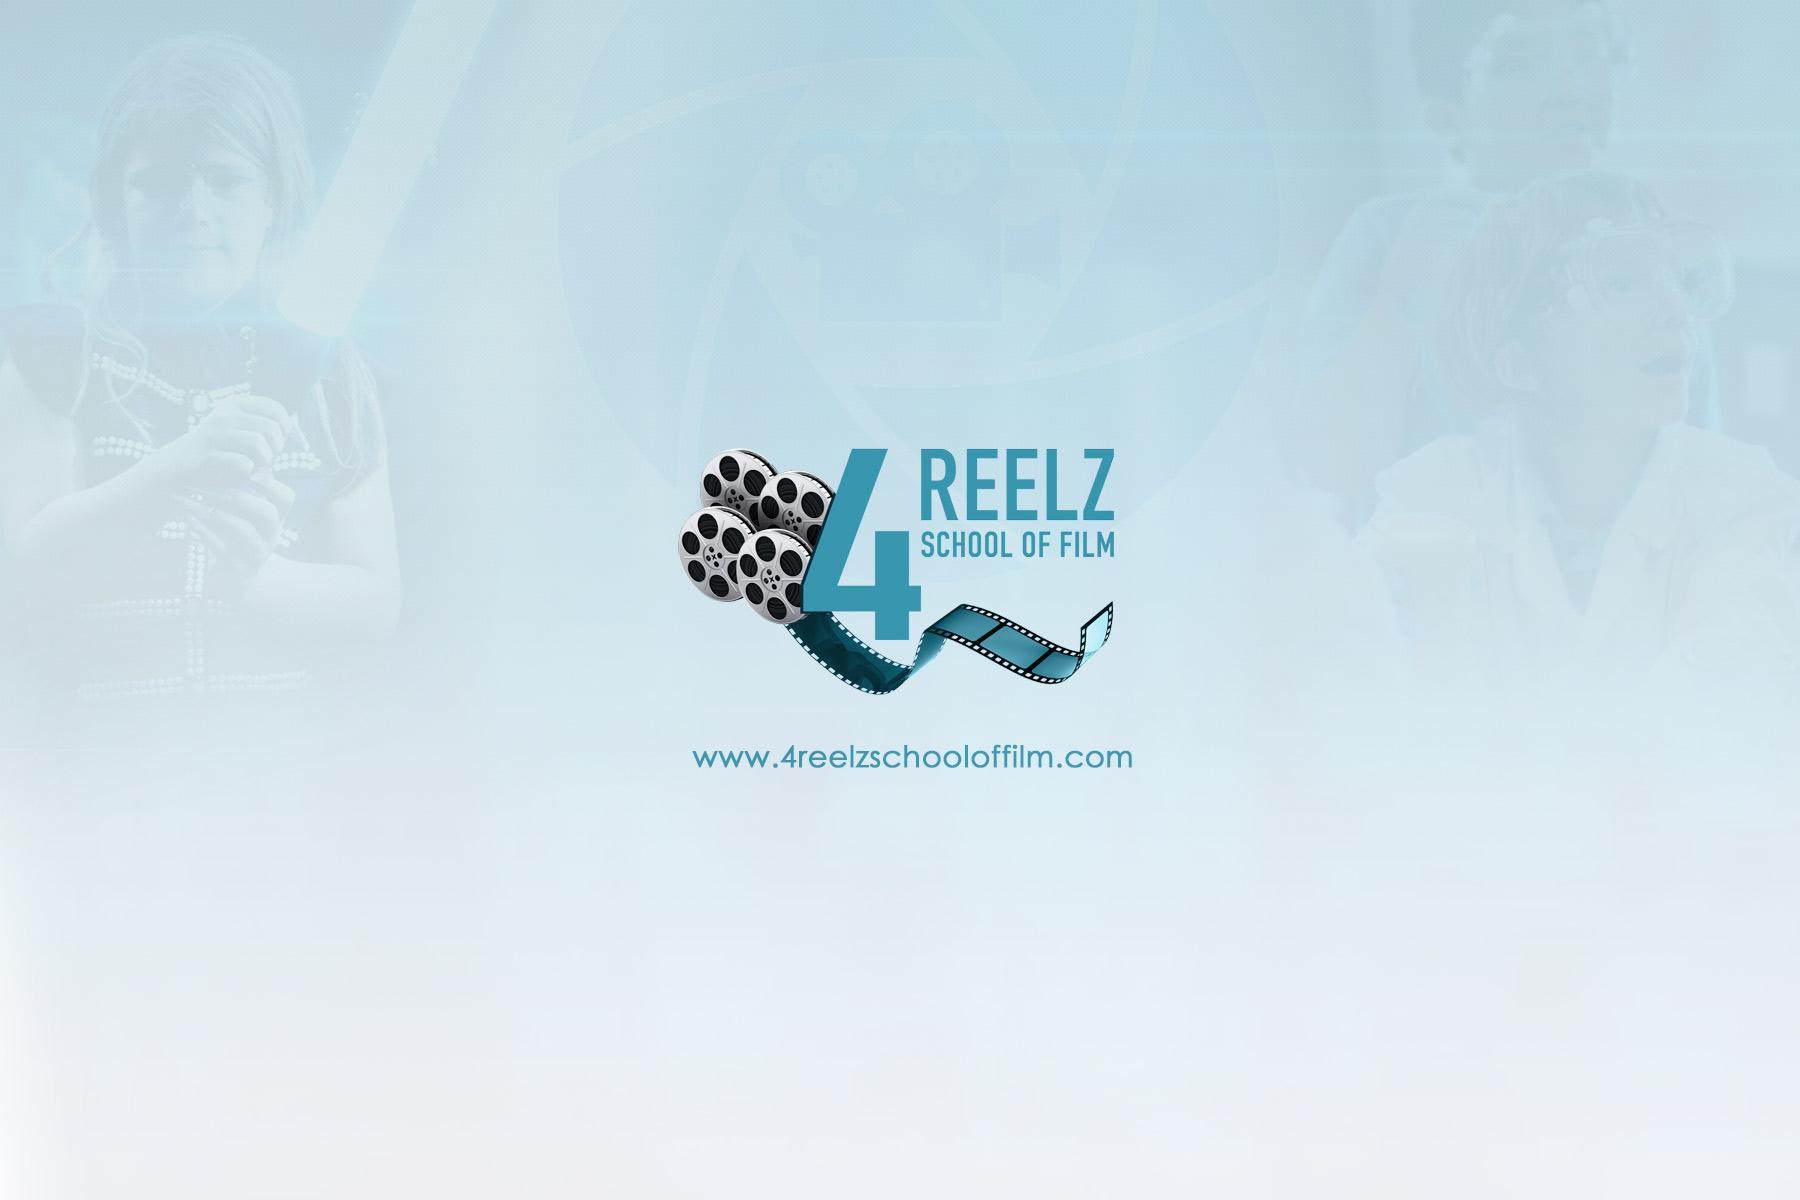 4Reelz_BG